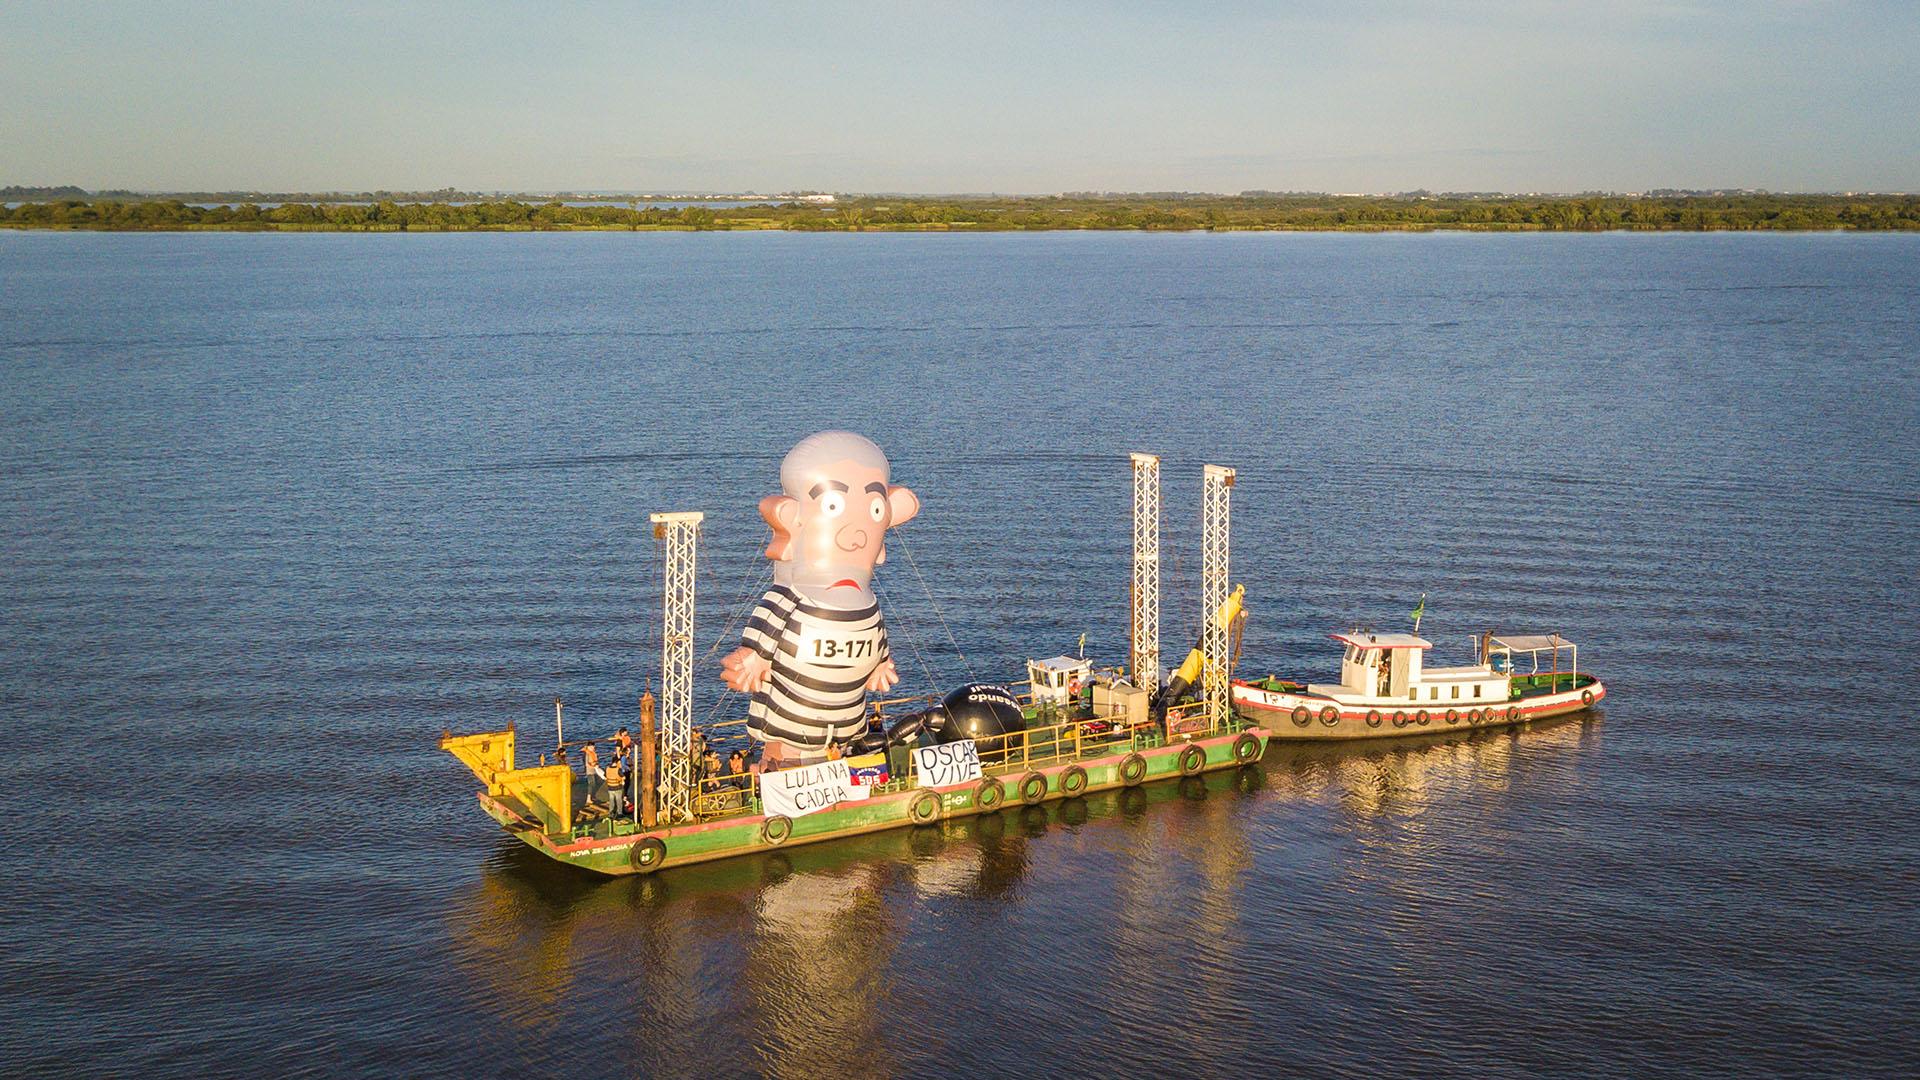 Un barco con Pixuleco a bordo, el inflable de Lula vestido con la ropa de preso (AFP)